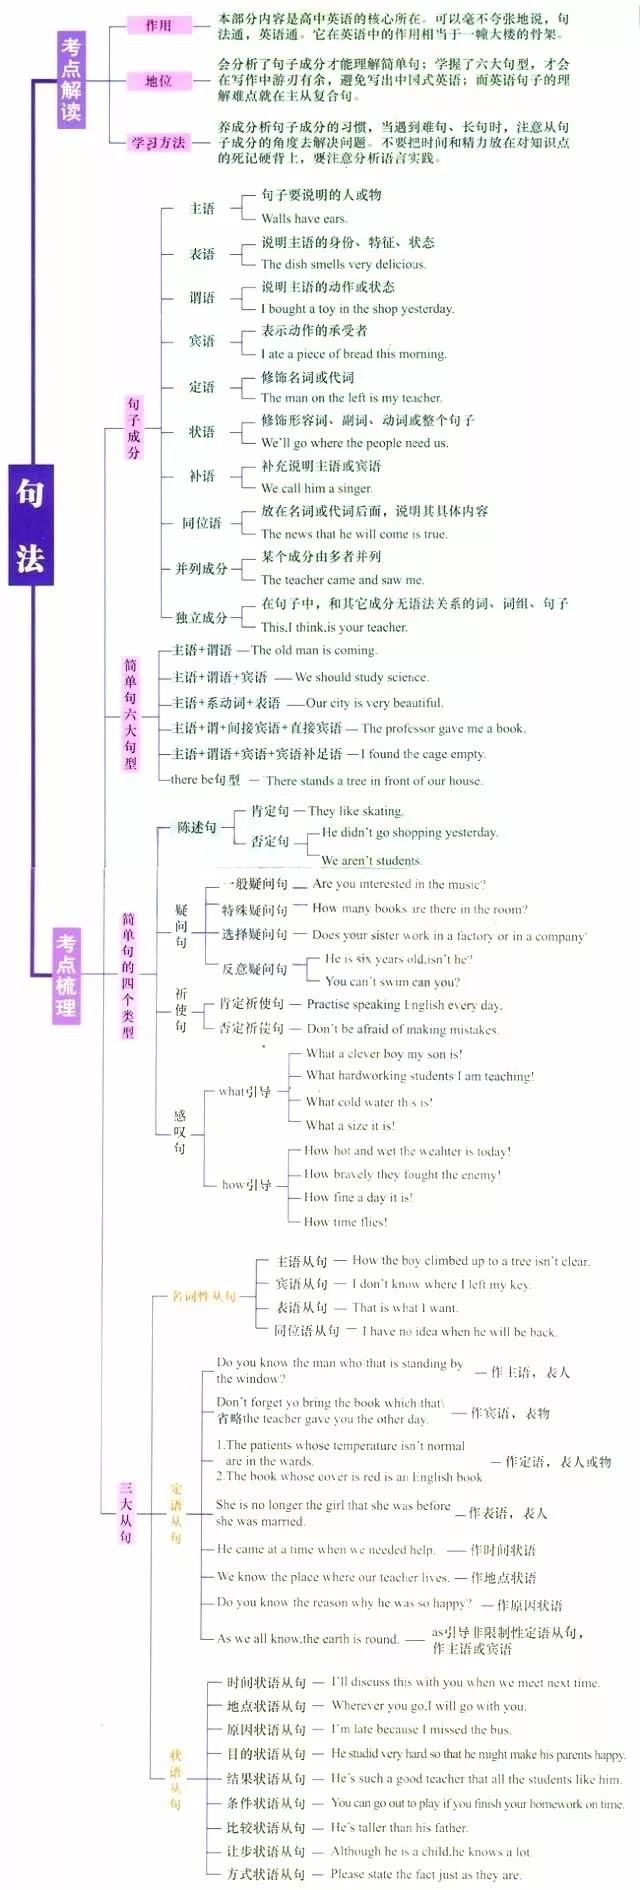 [转载]高中英语语法思维导图,考点全面梳理!